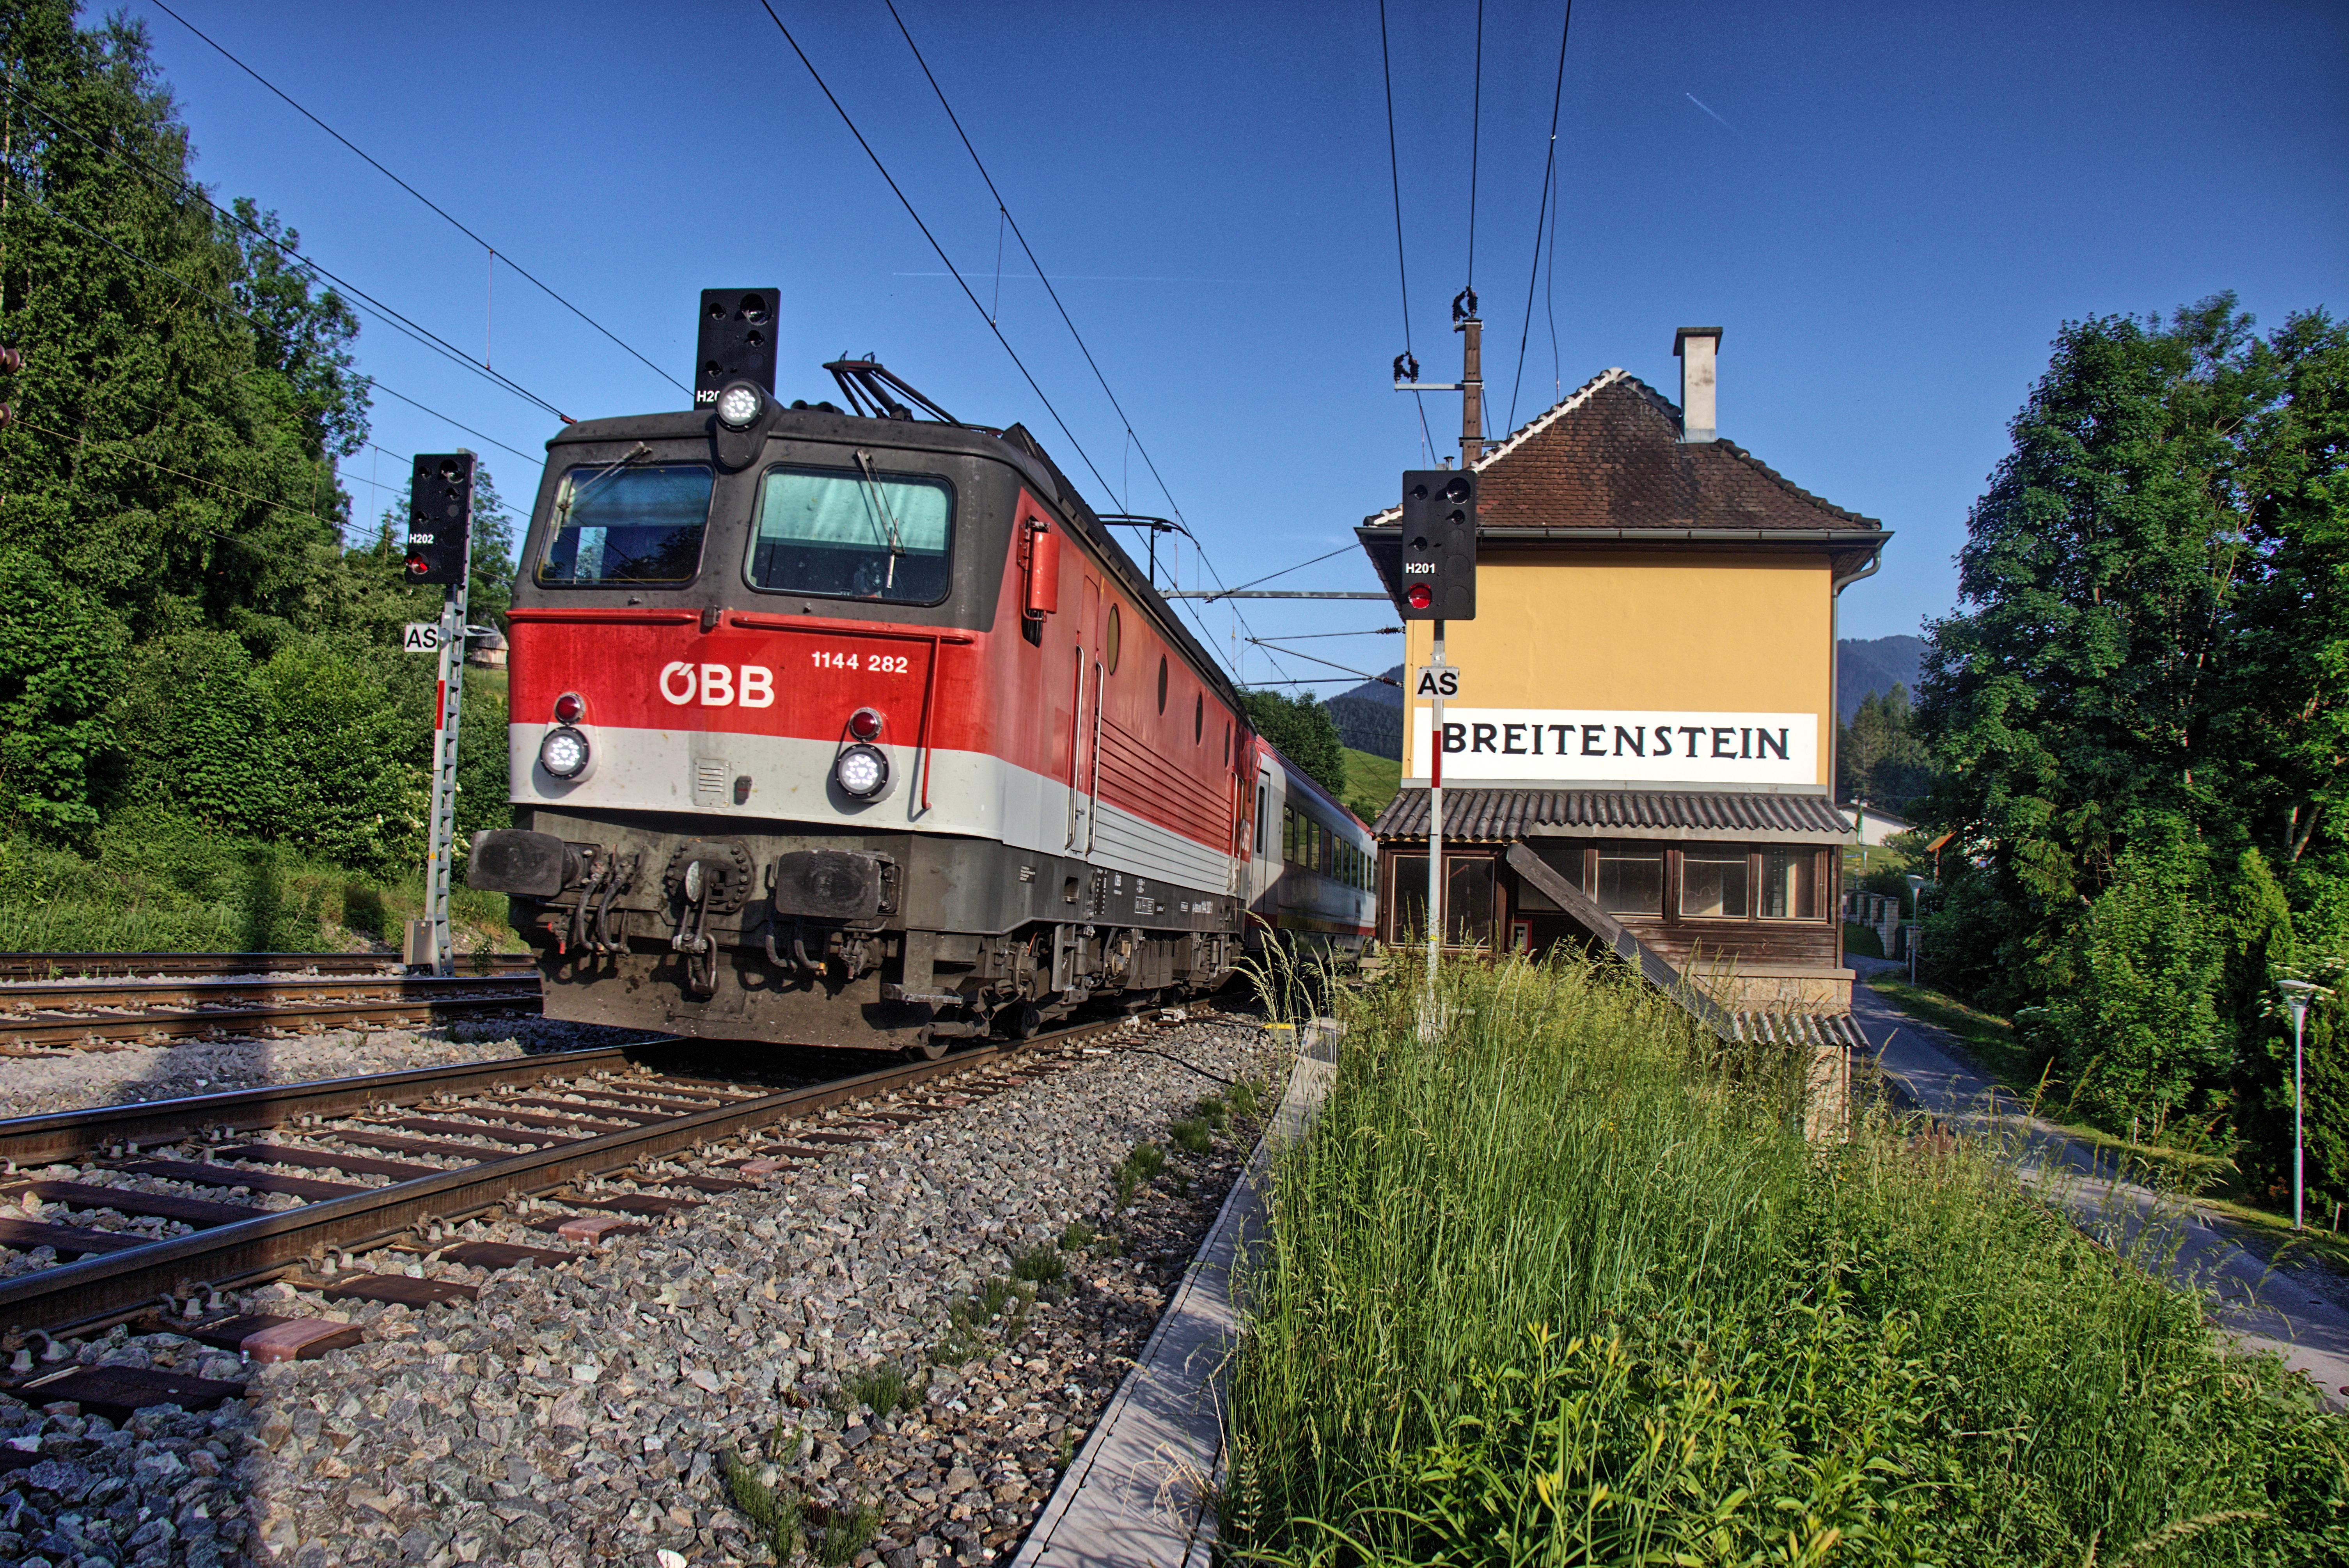 EC mit einer Lok vom Typ ÖBB 1144 im Bahnhof Breitenstein